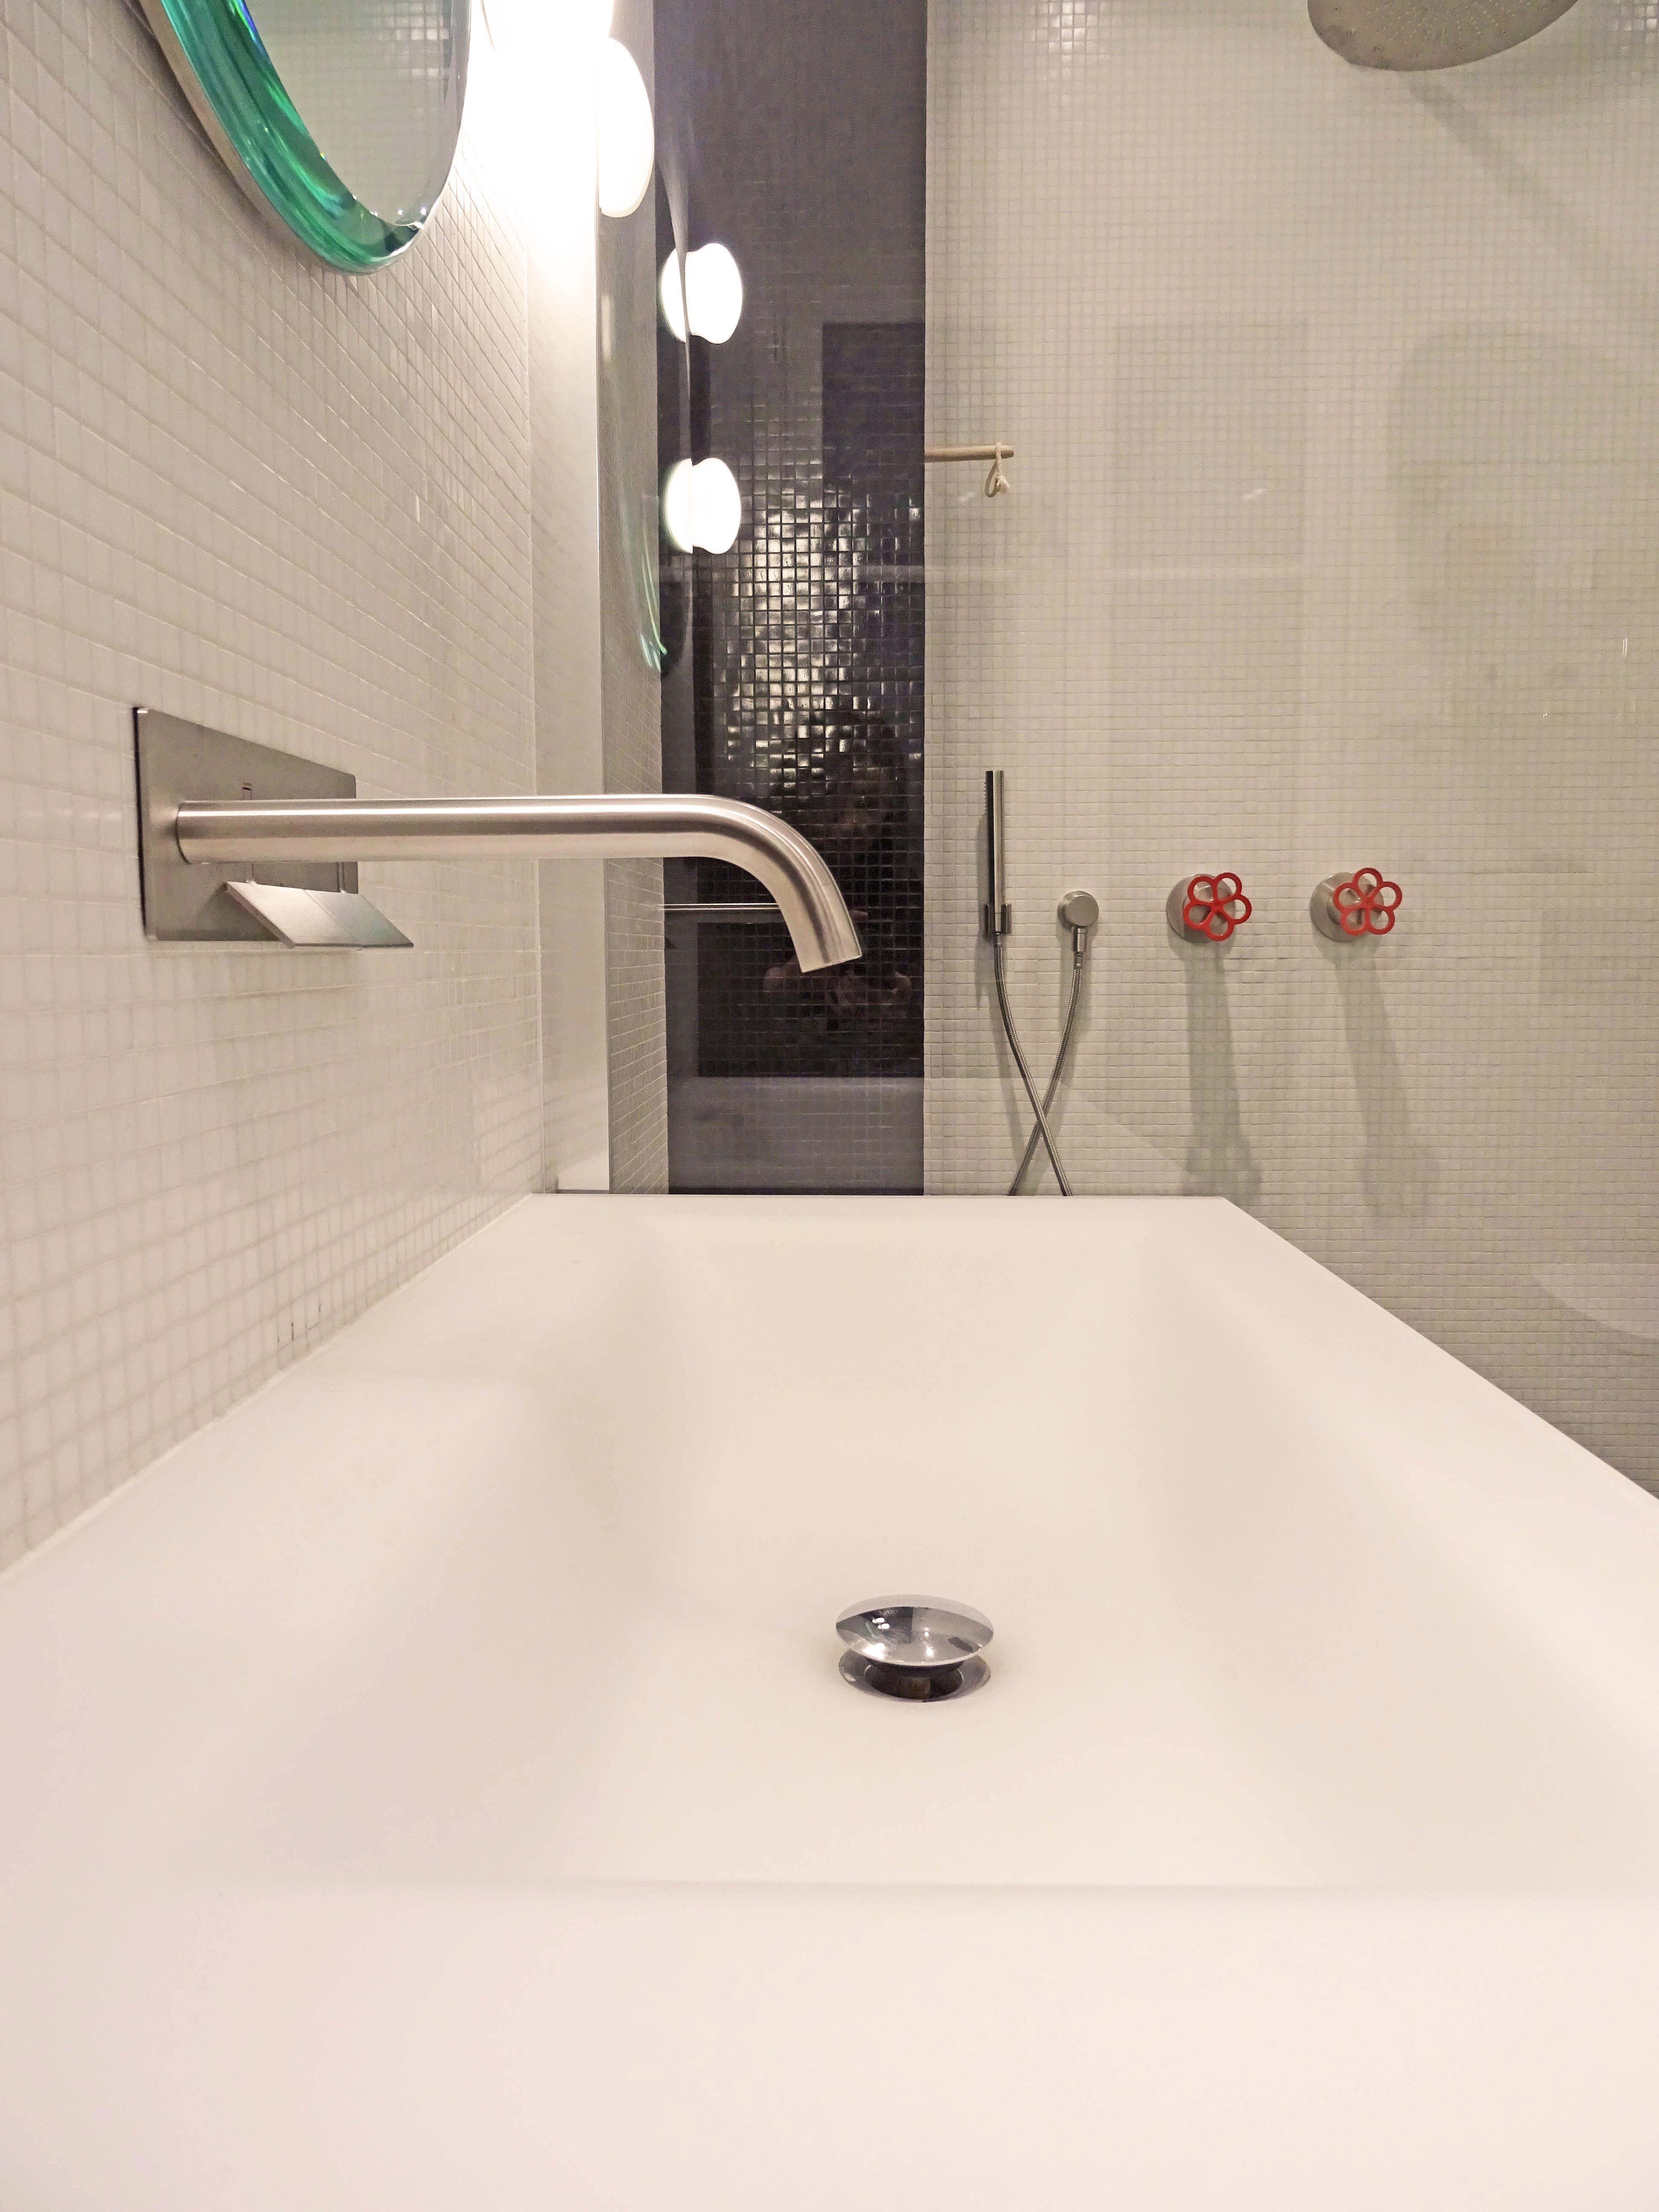 Salle De Bain En Mosaïque Trend Noir Et Blanc équipement Boffi - Salle de bain boffi